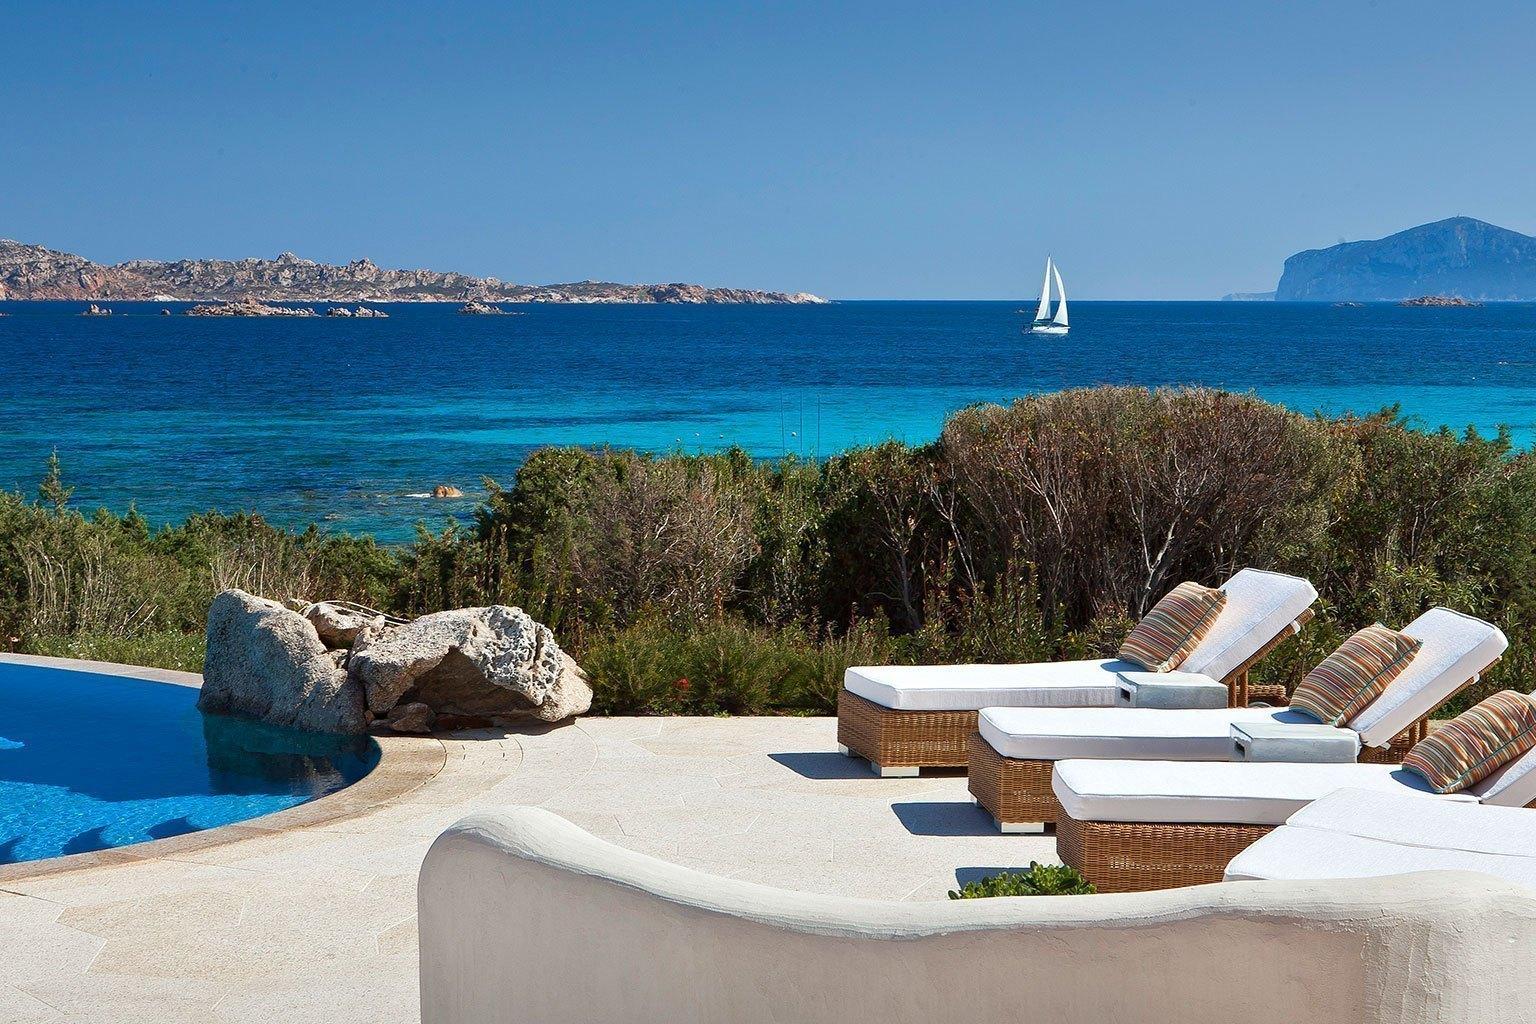 Hotel romazzino sardinien luxushotel bei designreisen for Sardinien design hotel